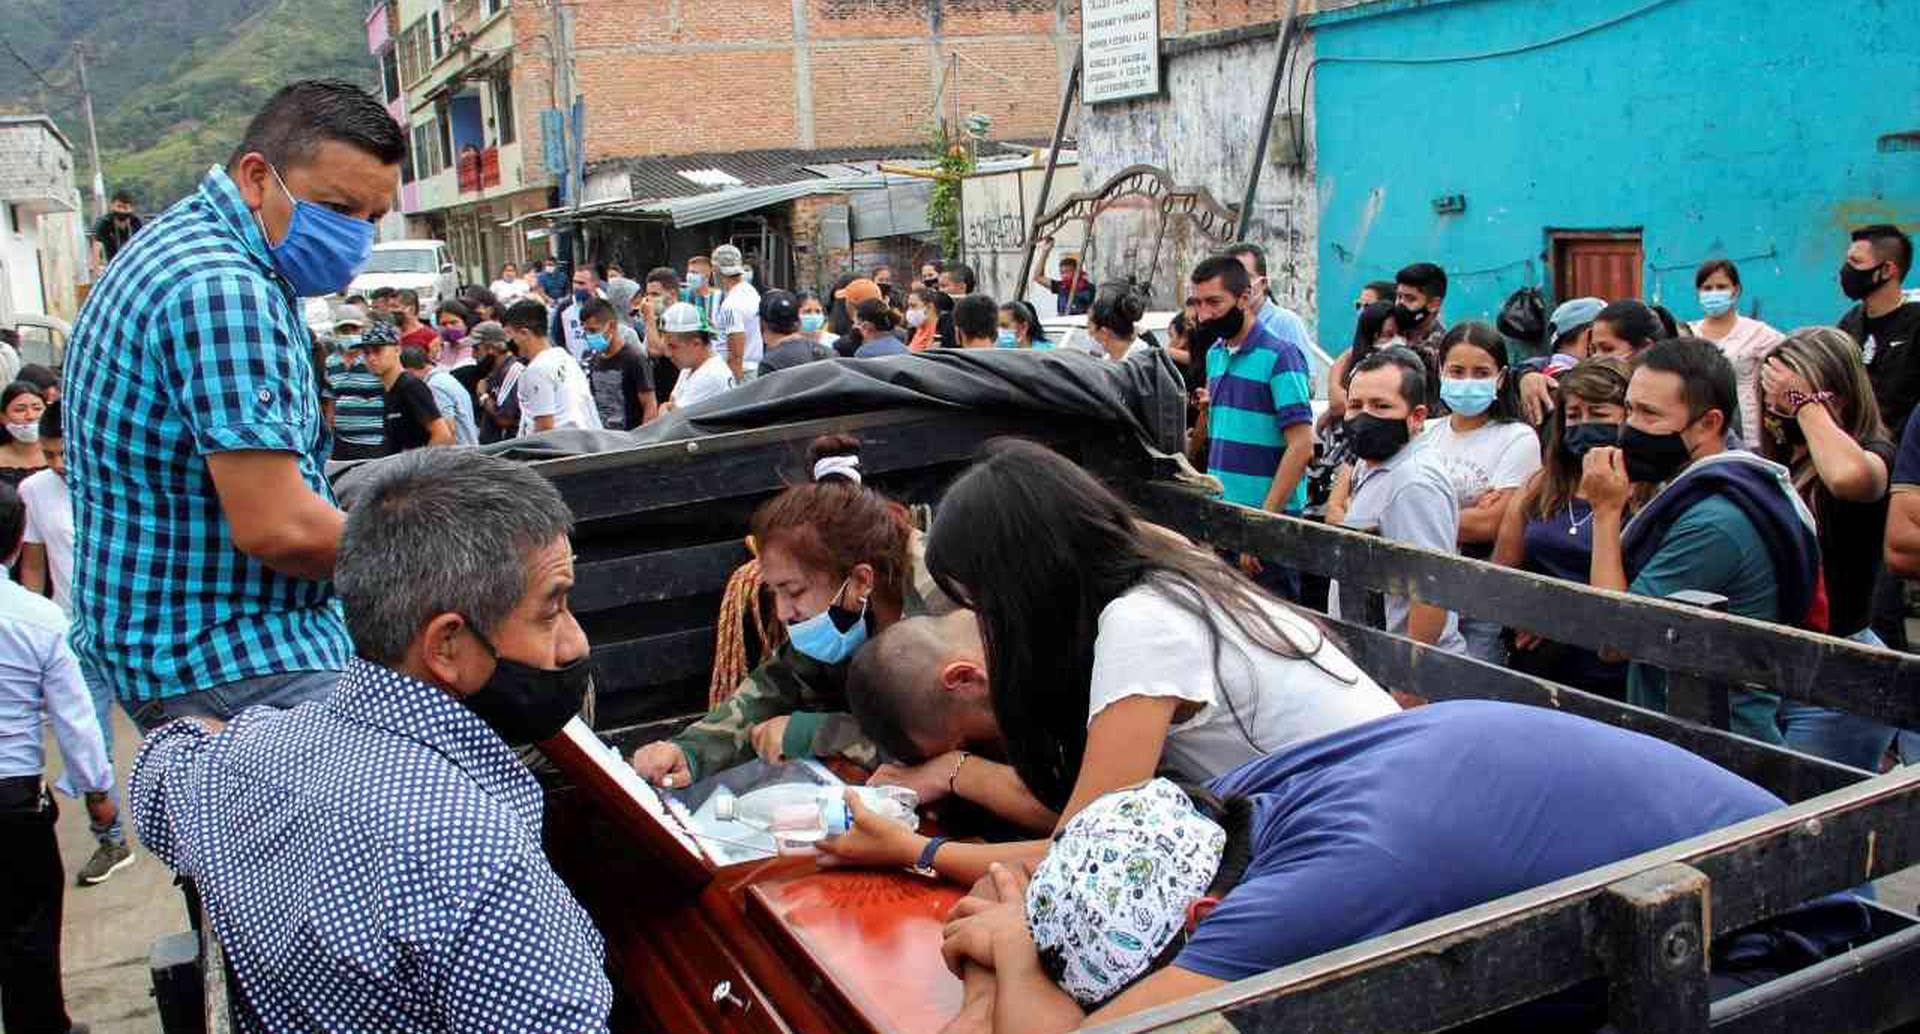 Las dolorosas imágenes de los familiares de las víctimas de la masacre en Samaniego (Nariño).